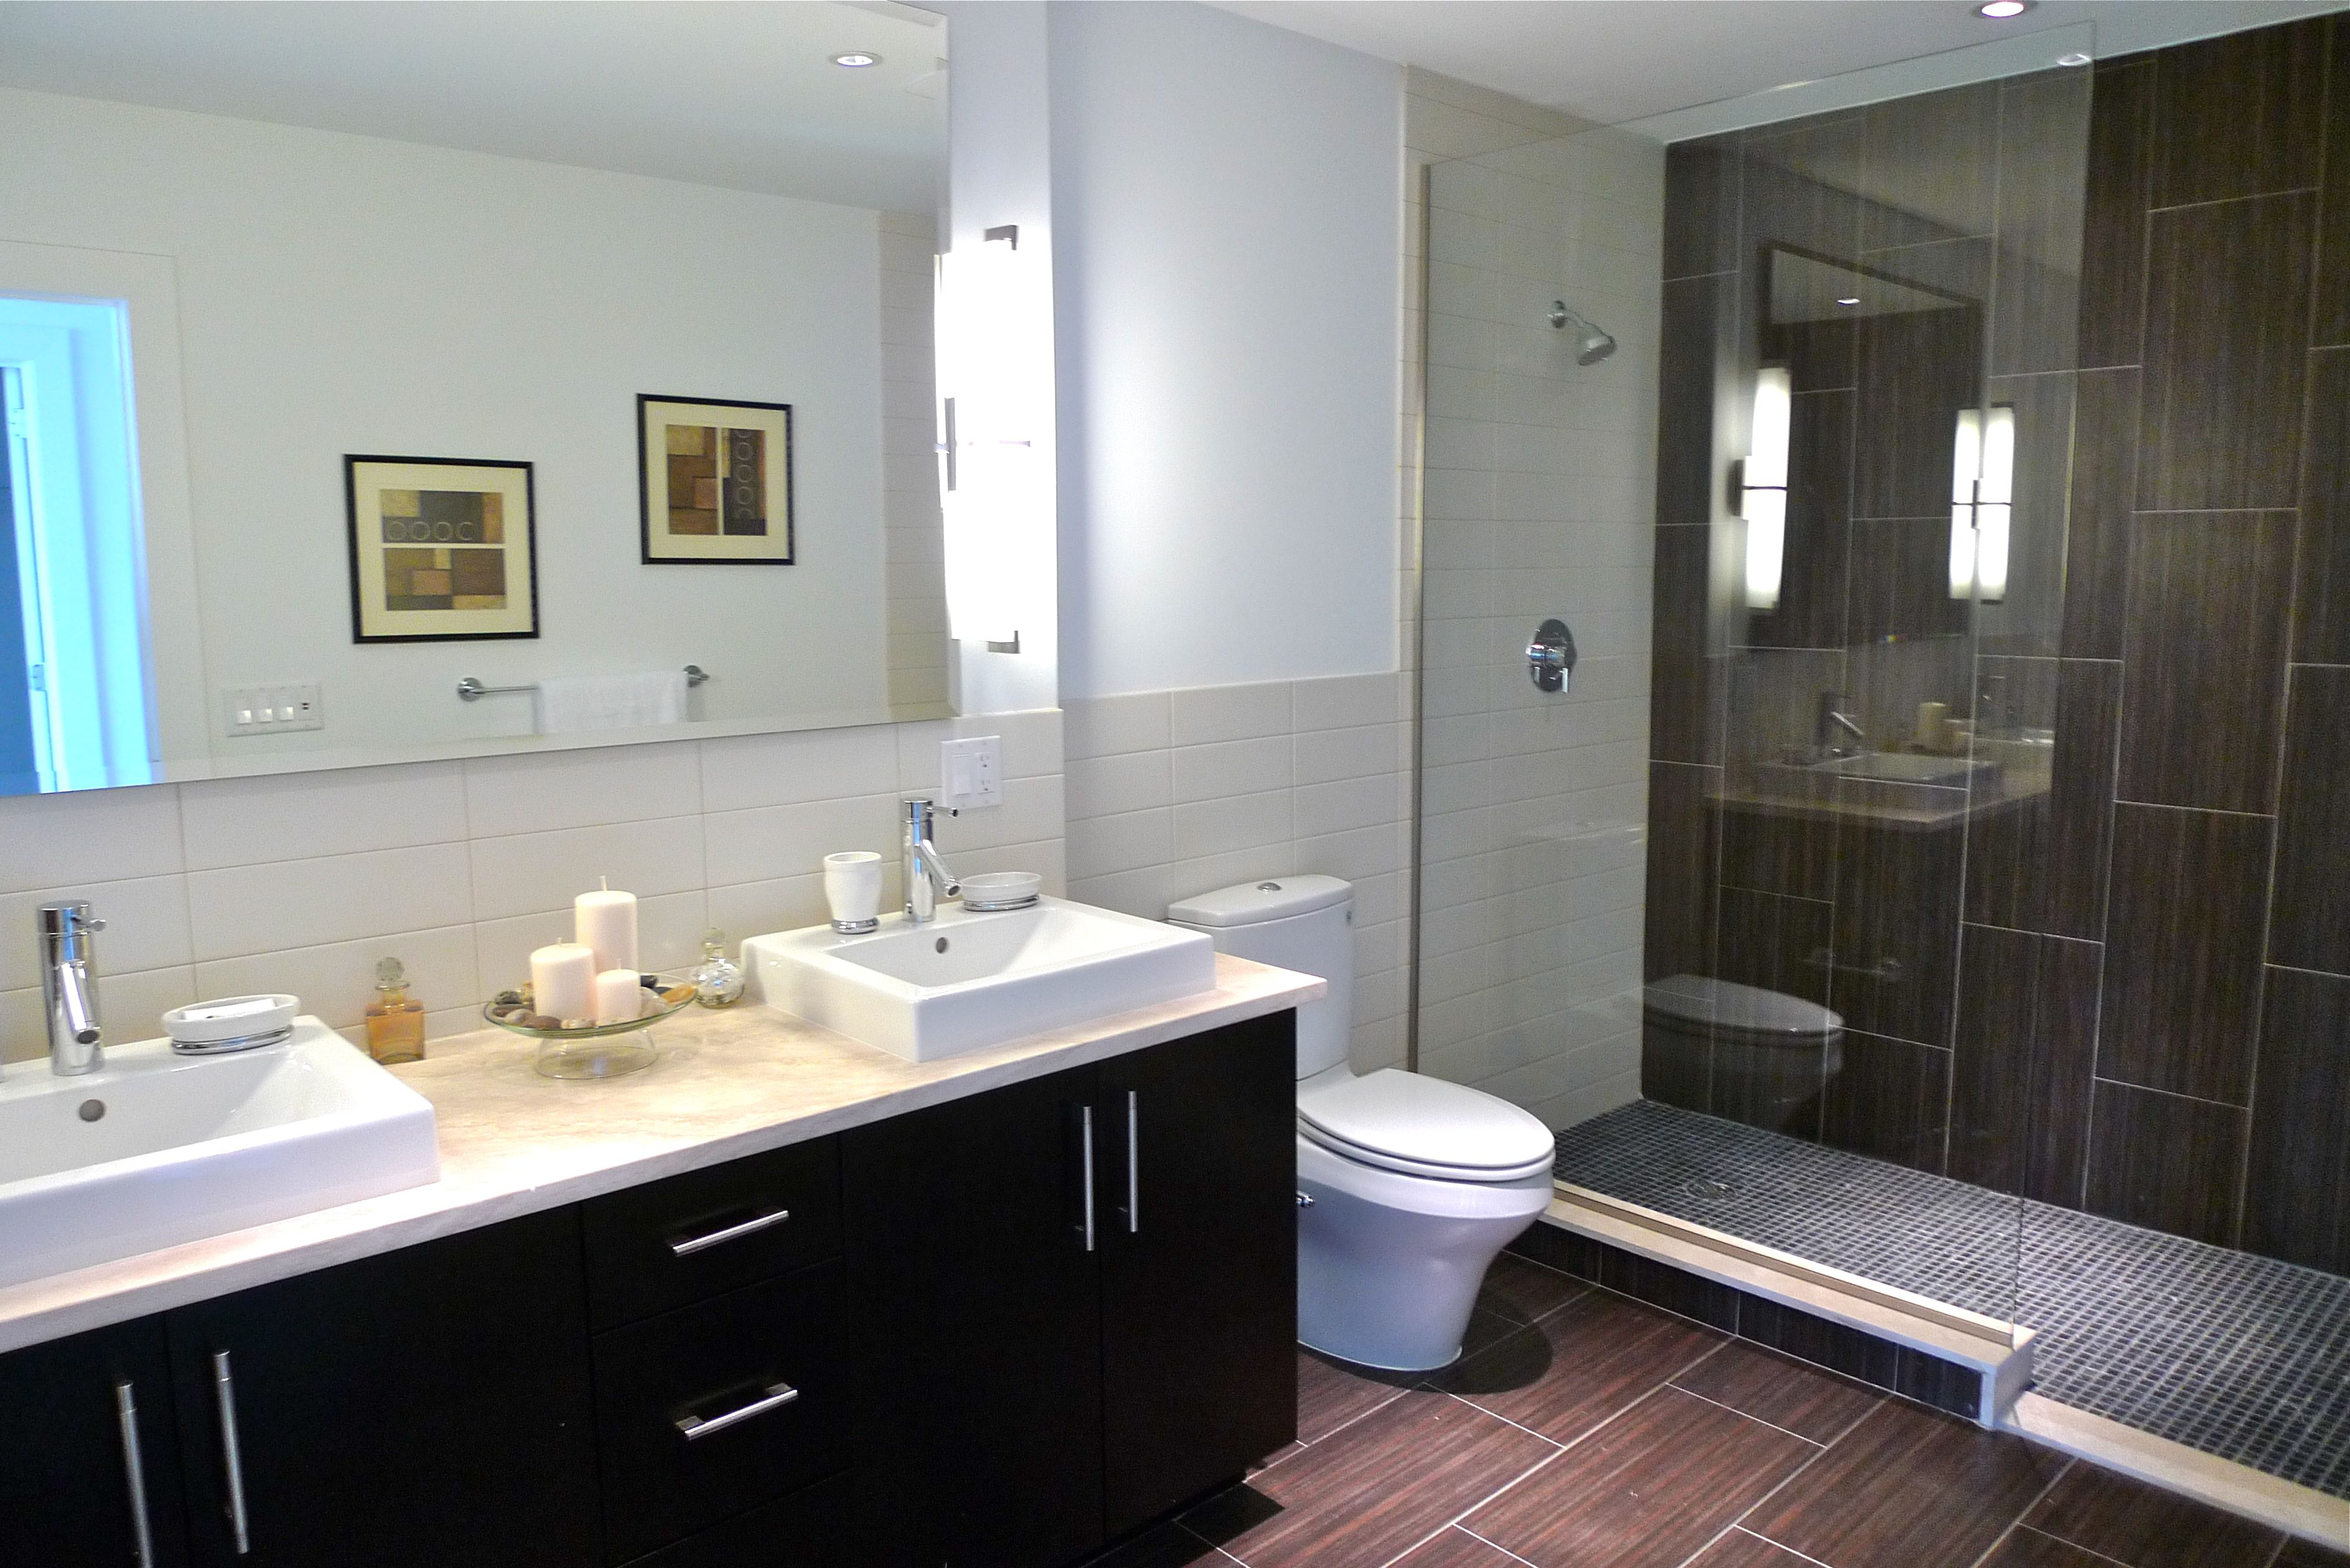 spa bathroom gallery photo - 7